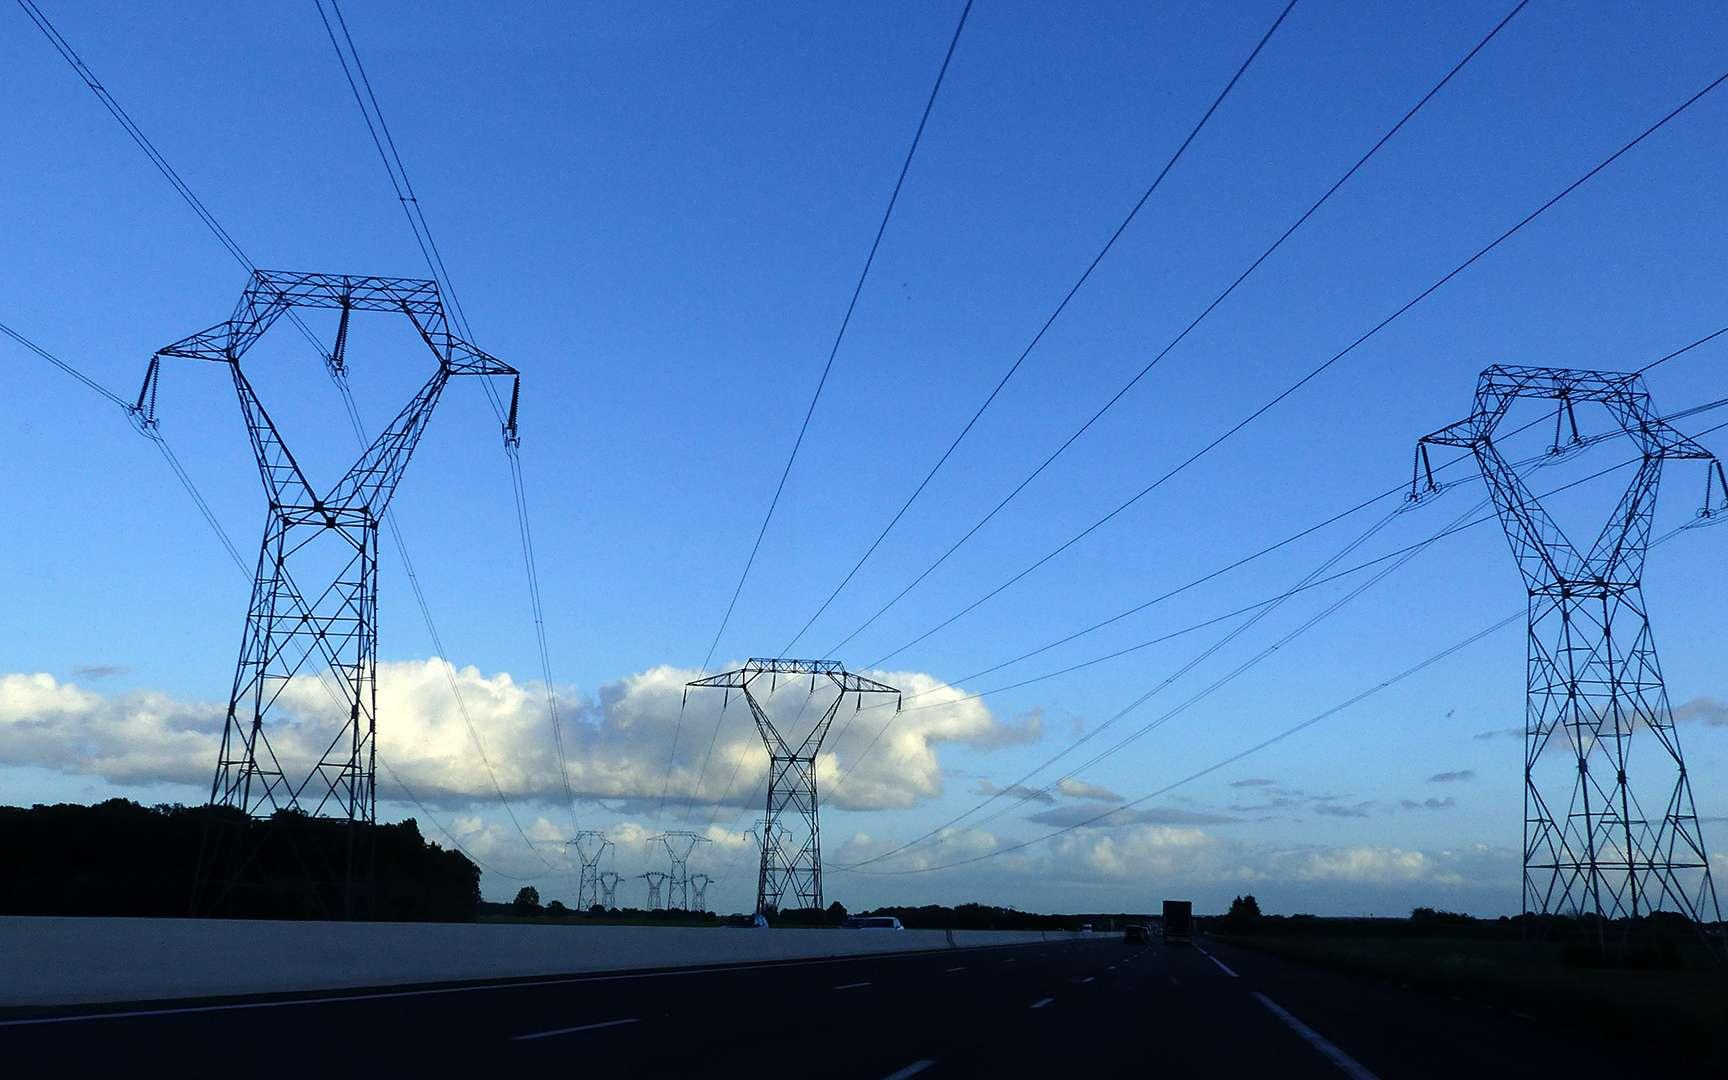 Le bruit que l'on entend parfois, à proximité de lignes électriques, est dû à un phénomène physique connu sous le nom d'« effet couronne ». © JP Freethinker, Flickr, CC ny-nc-nd 2.0